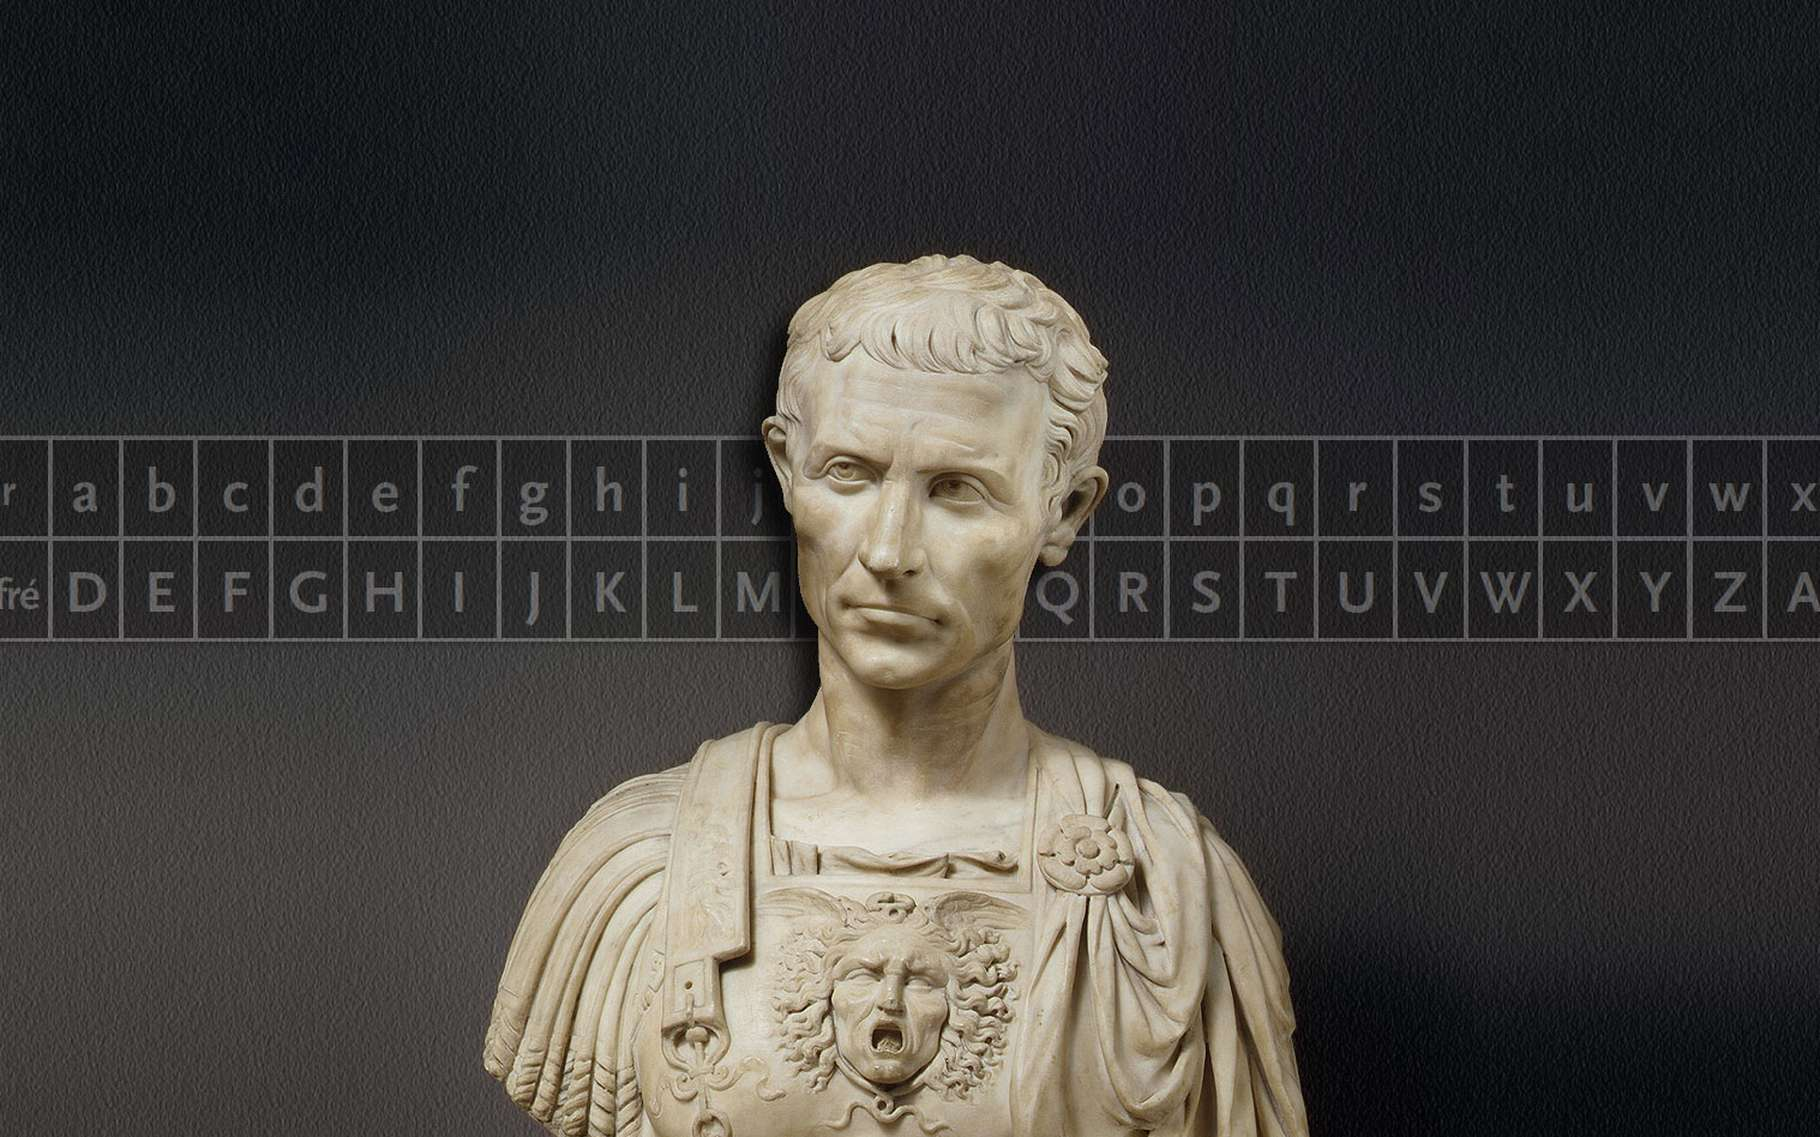 César et le chiffrement. © Metmuseum, Wikimedia commons, DP